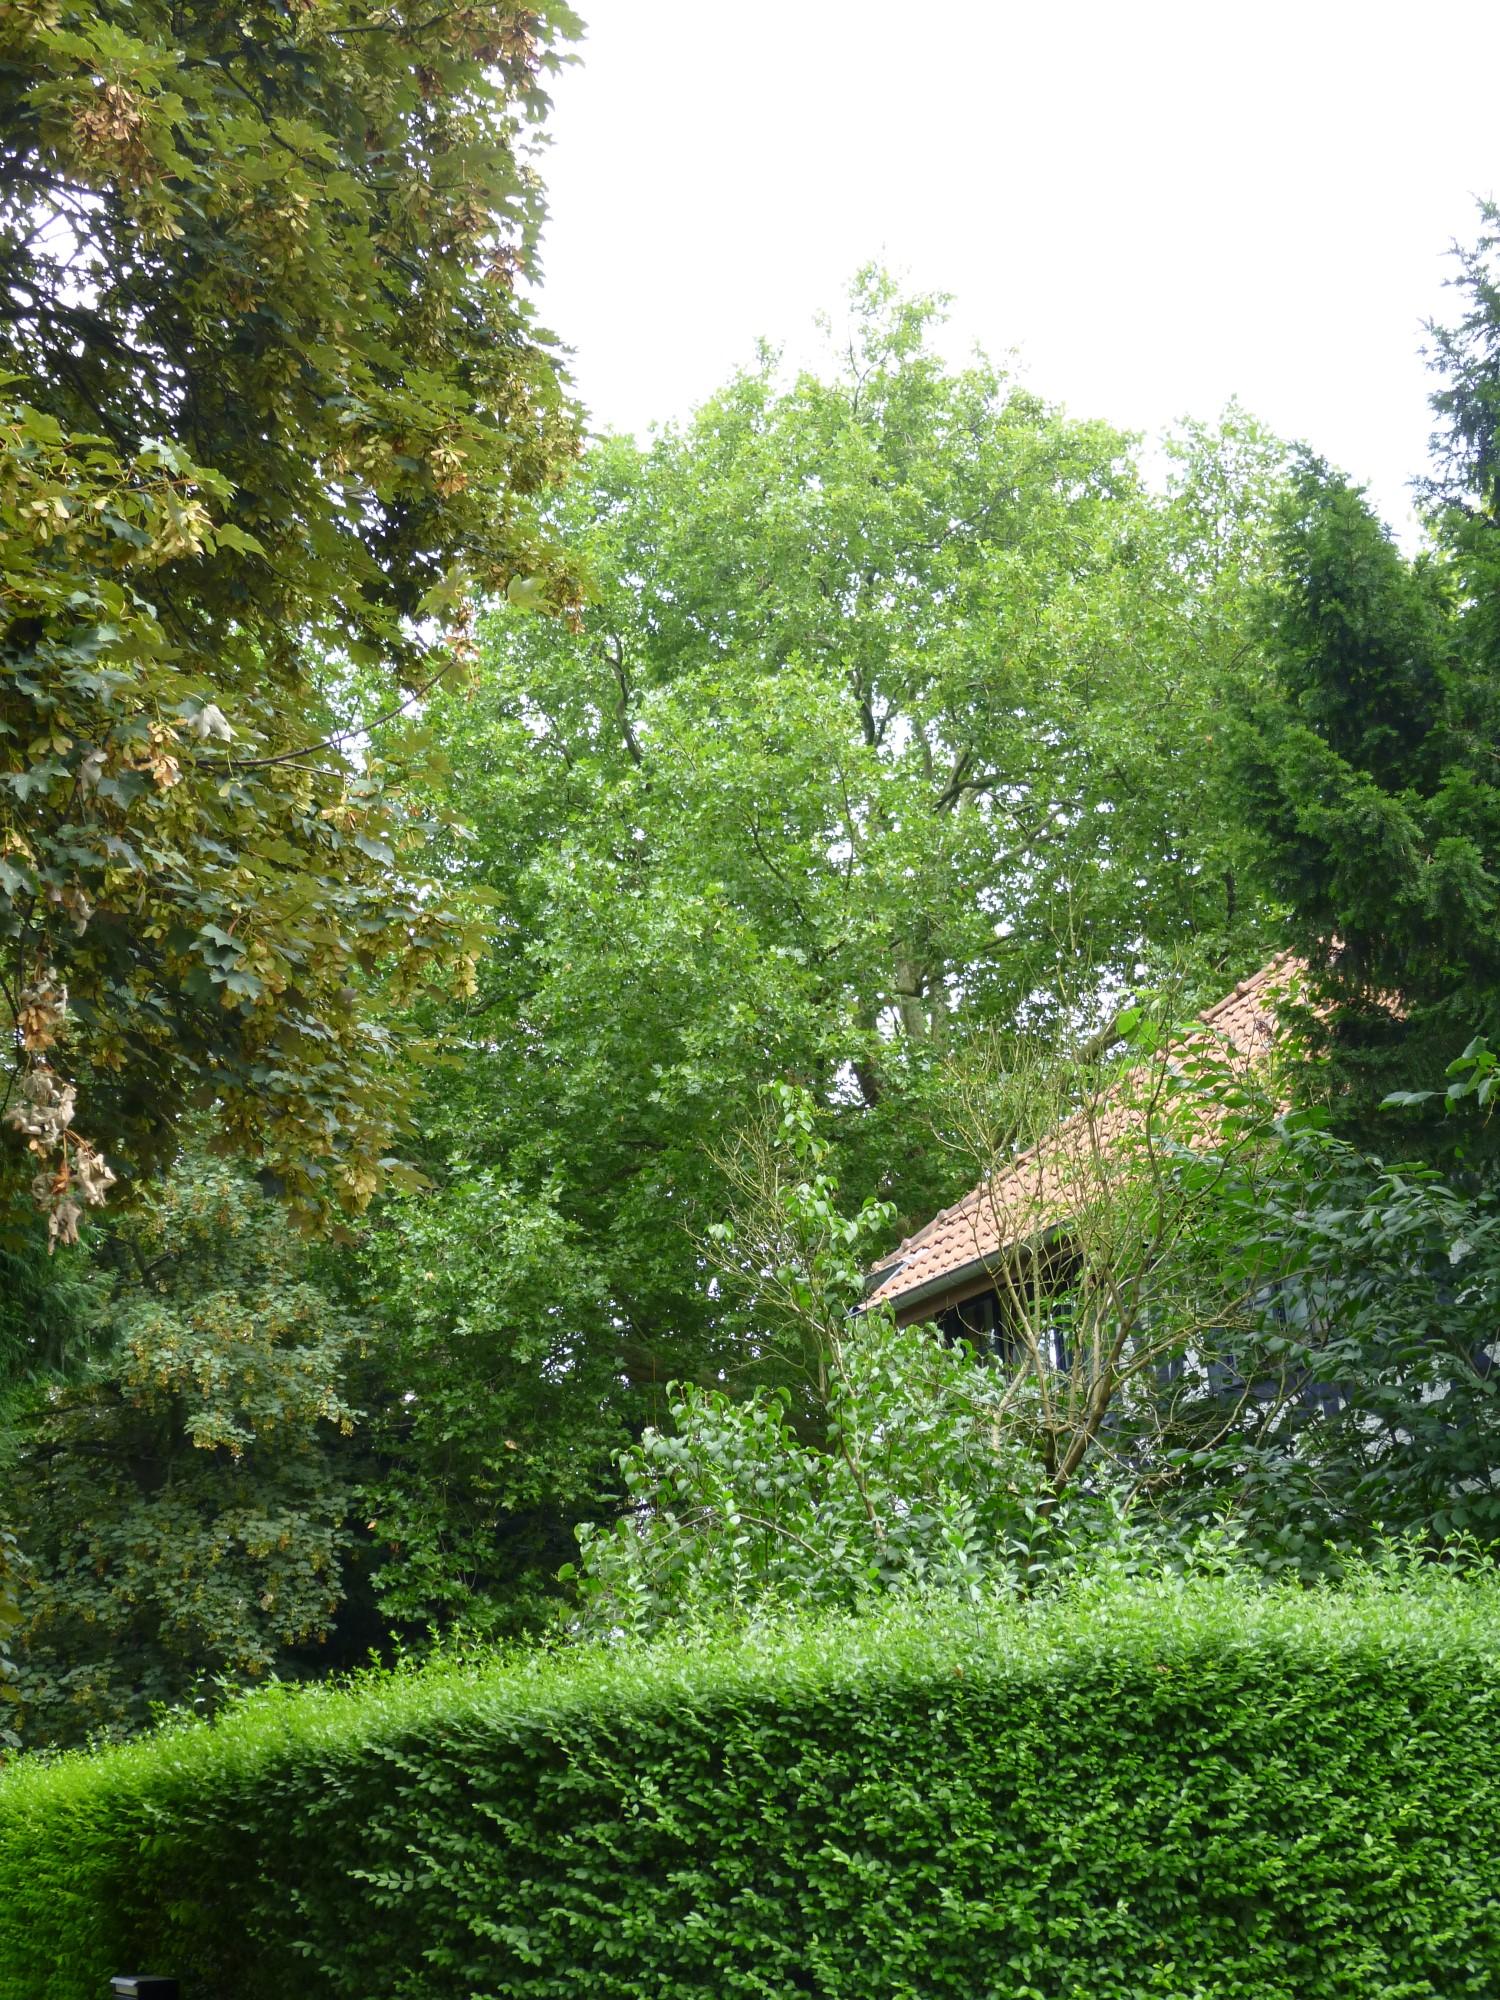 Platane à feuille d'érable – Watermael-Boitsfort, Avenue Léopold Wiener, 100 –  29 Juillet 2014